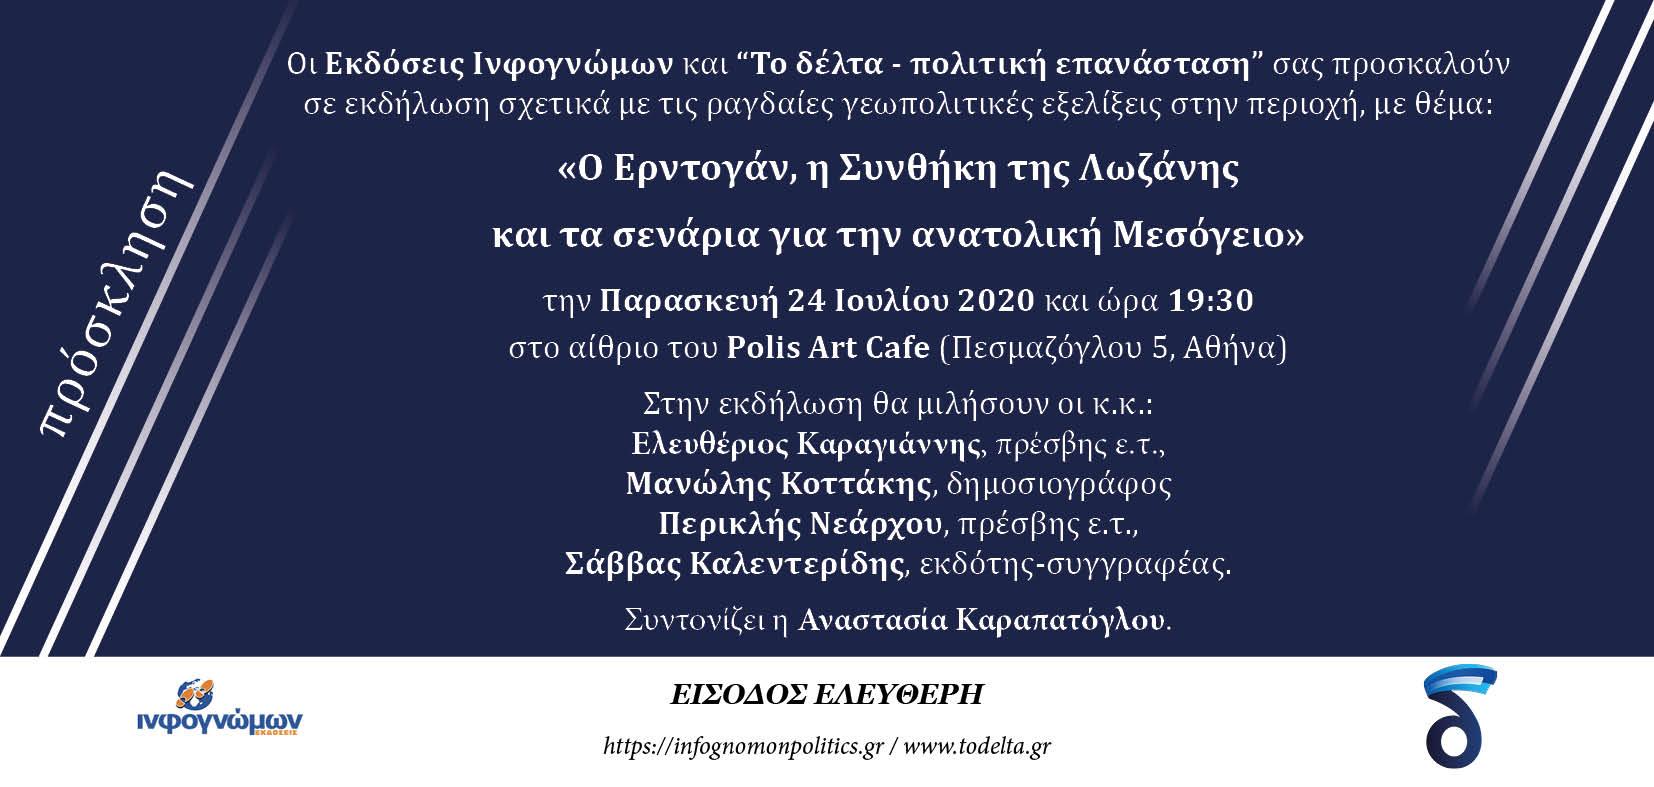 Εκδήλωση την Παρασκευή 24 Ιουλίου: «Ο Ερντογάν, η Συνθήκη της Λωζάνης και τα σενάρια για την ανατολική Μεσόγειο»